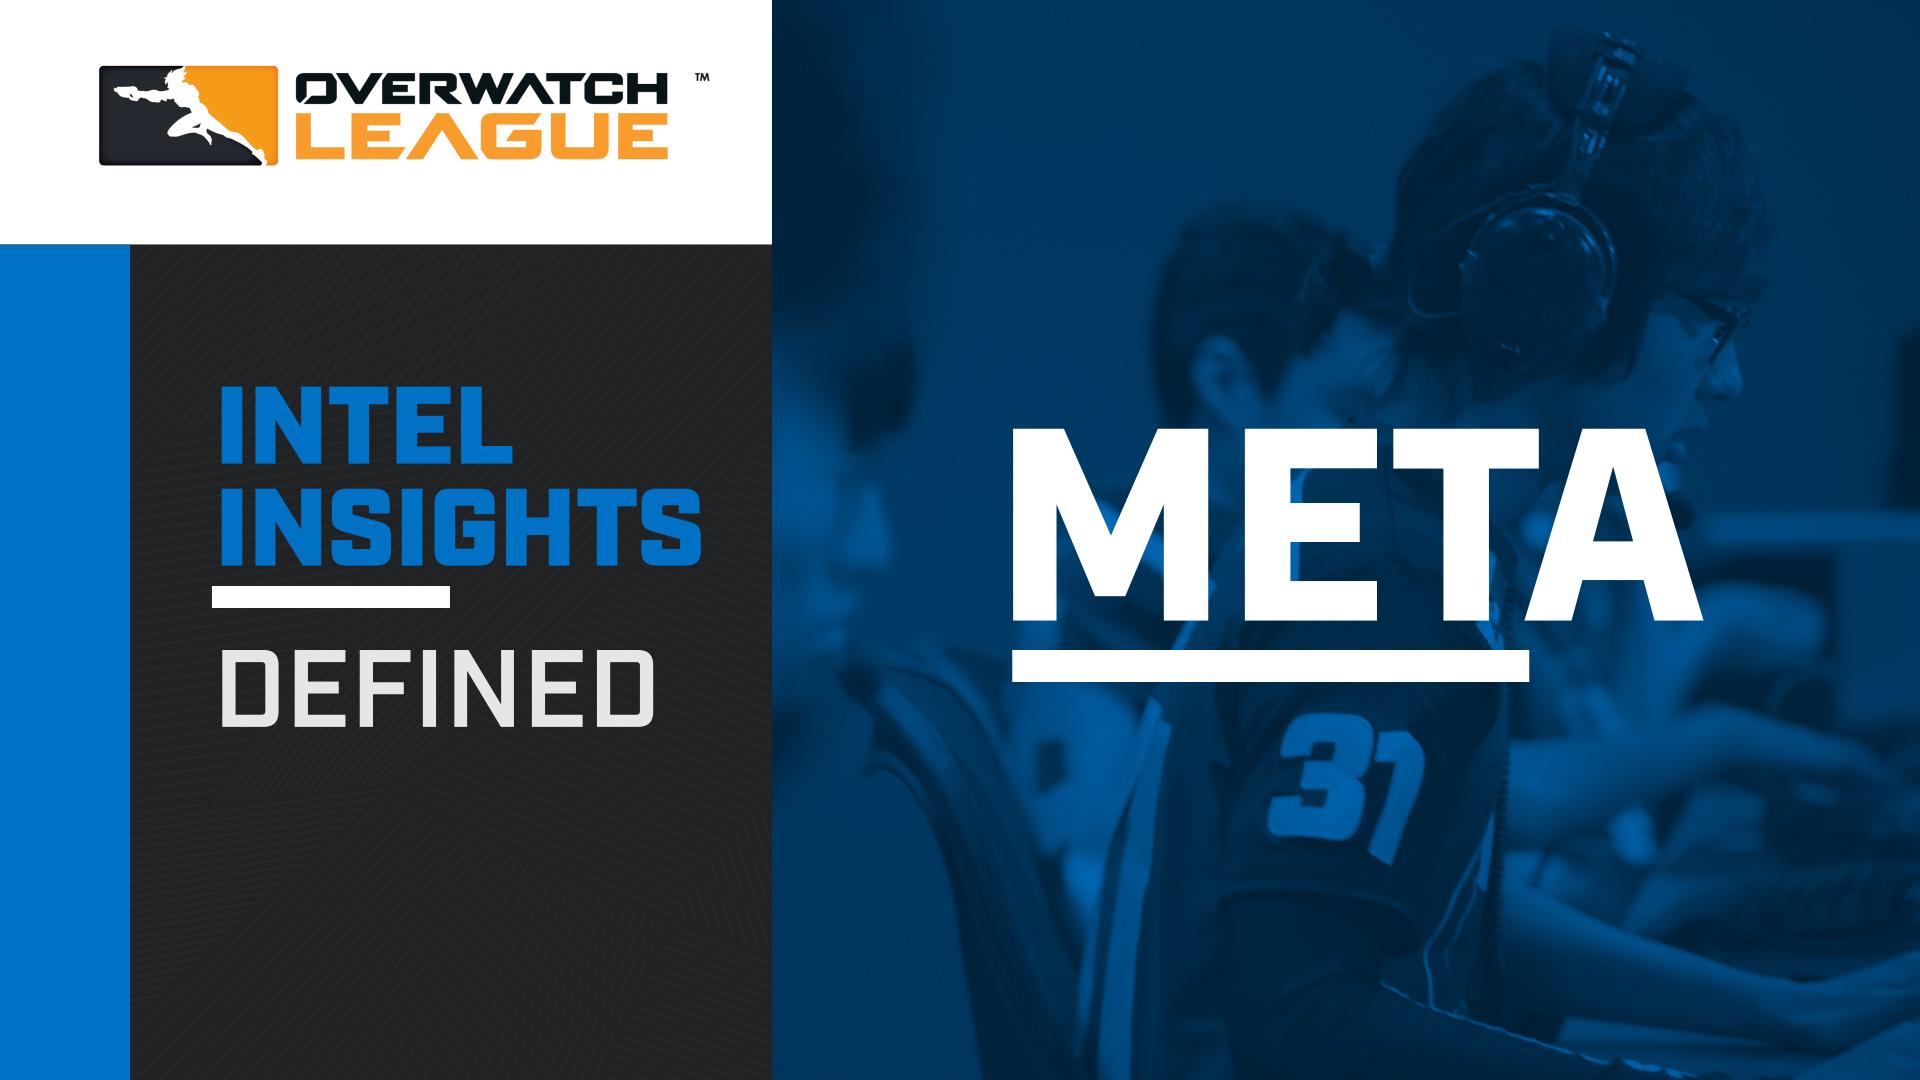 Defined: Meta